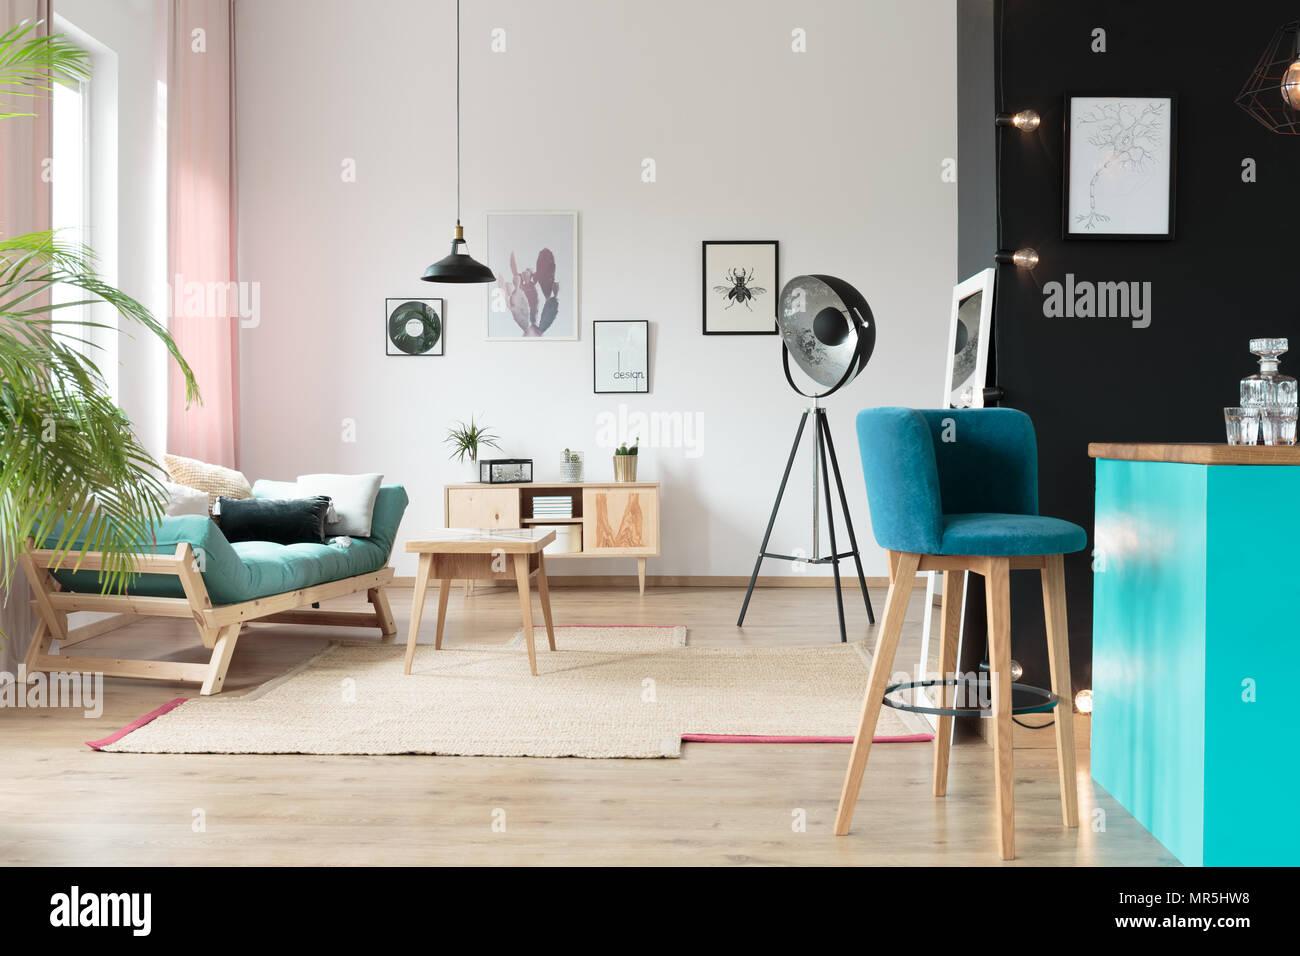 Blue sgabello in zona cucina in camera calda con divani di color